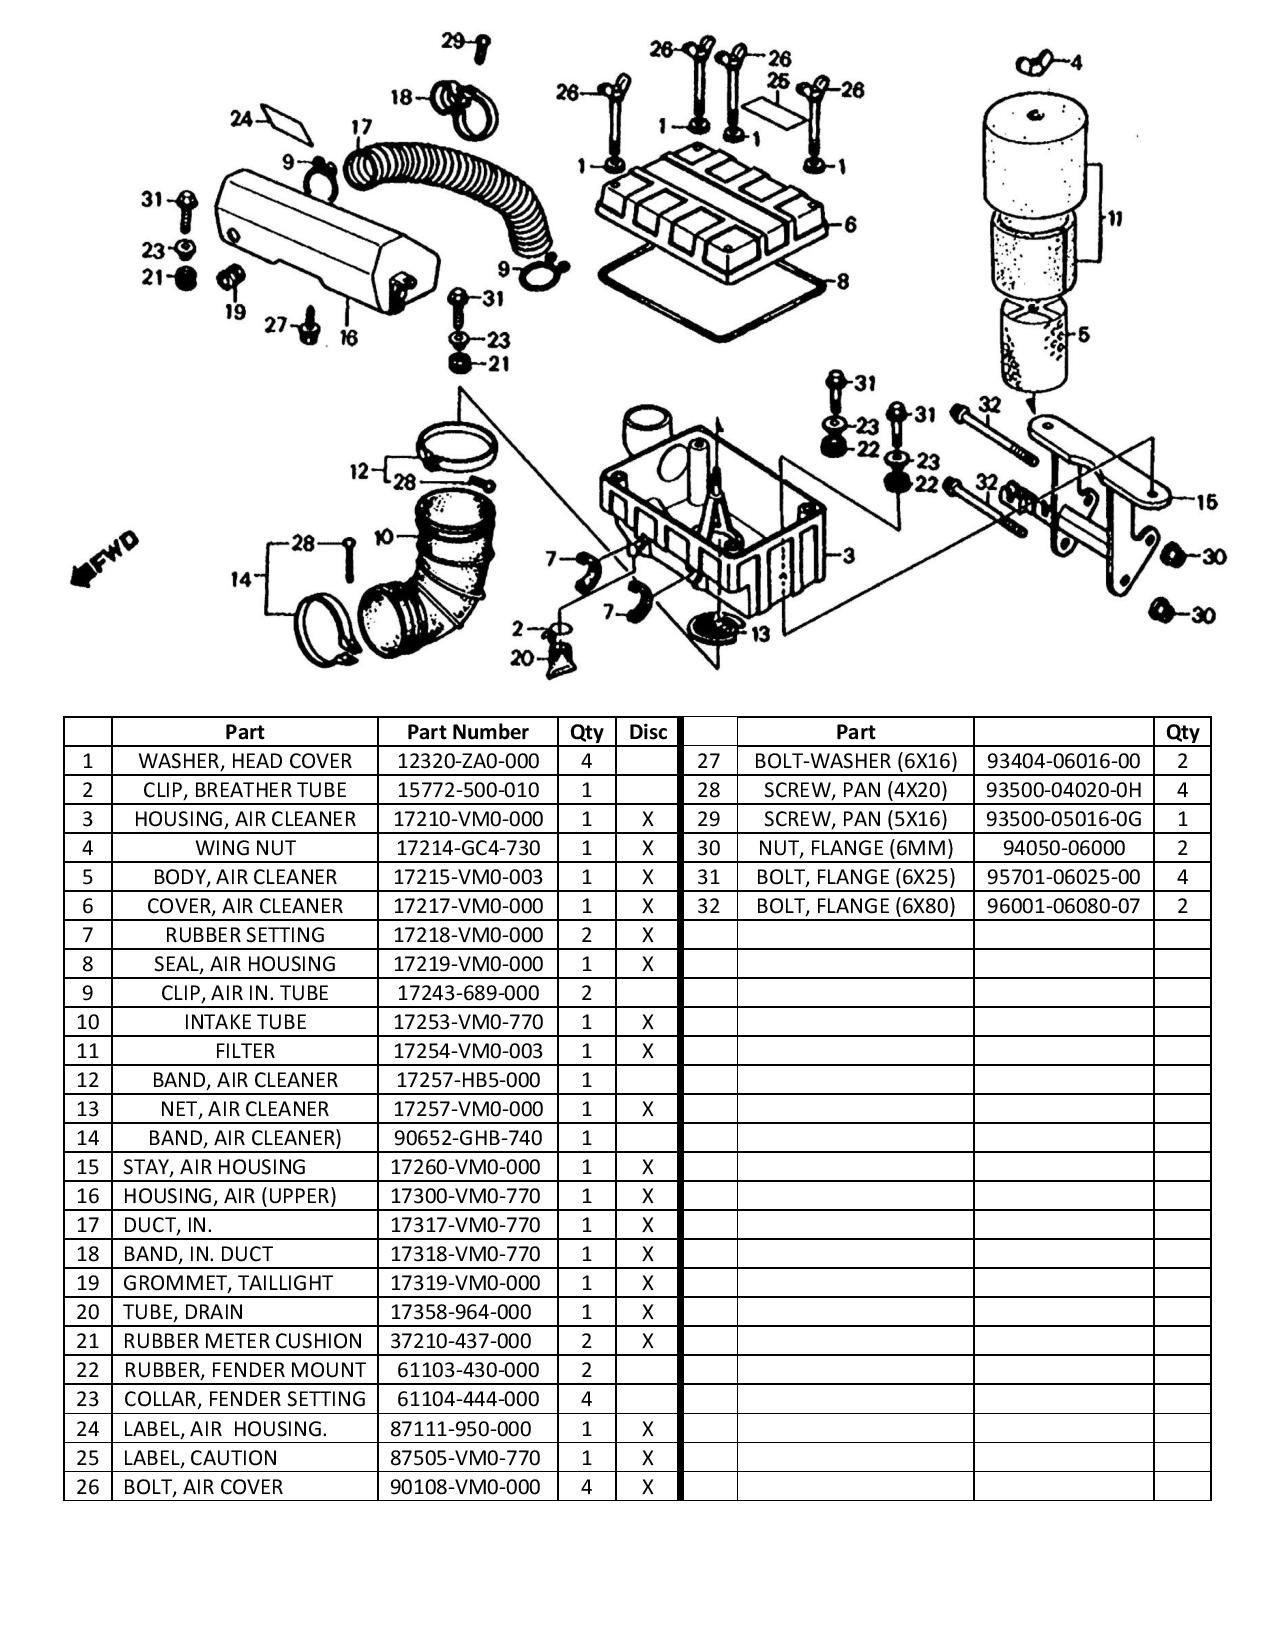 Air Intake System Diagram Honda Odyssey Fl350 Air Intake Diagram and Parts List Of Air Intake System Diagram